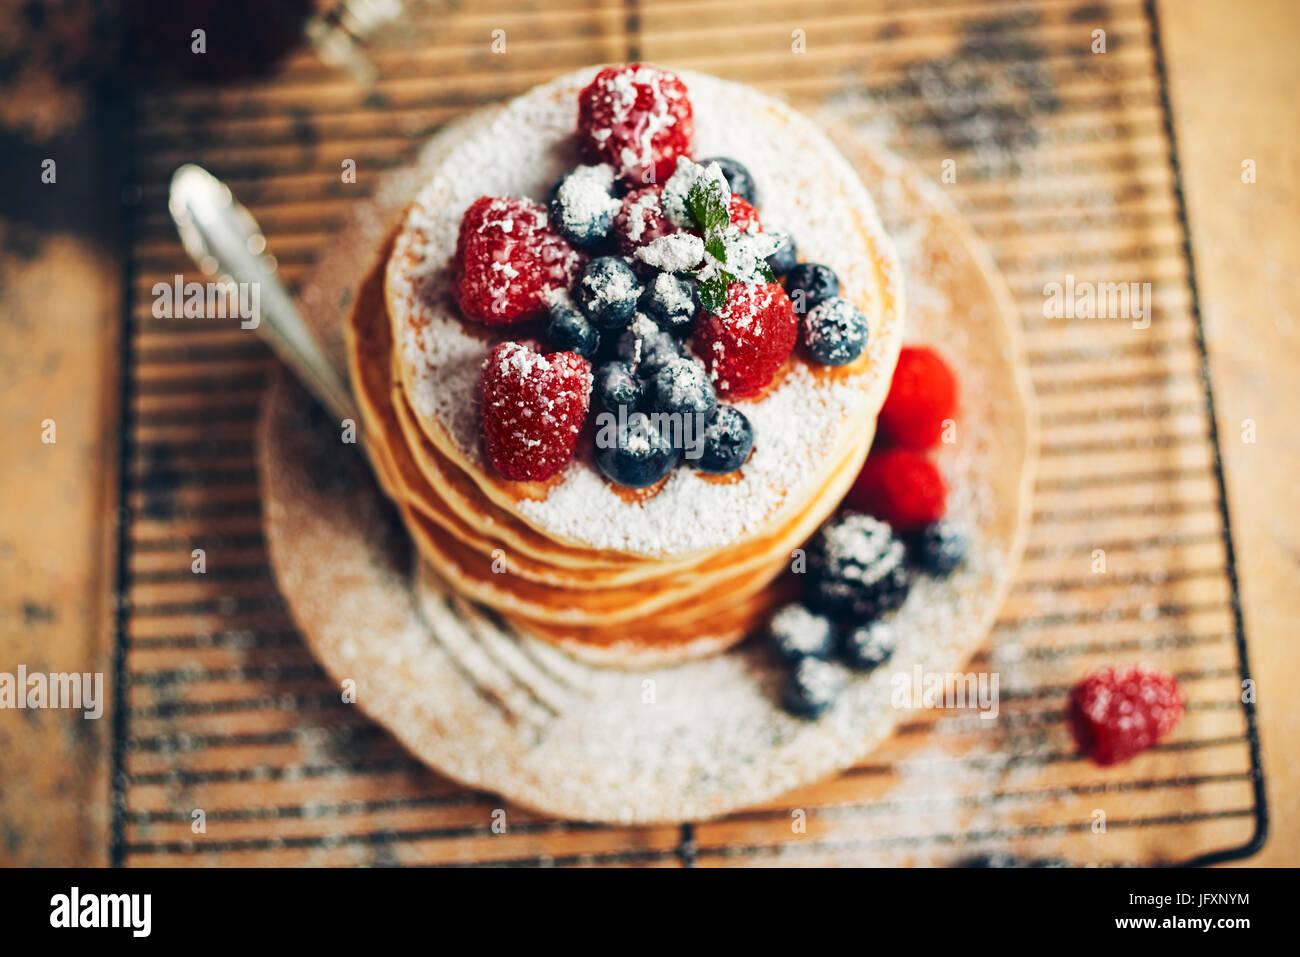 Pancake con mirtilli e lamponi Immagini Stock